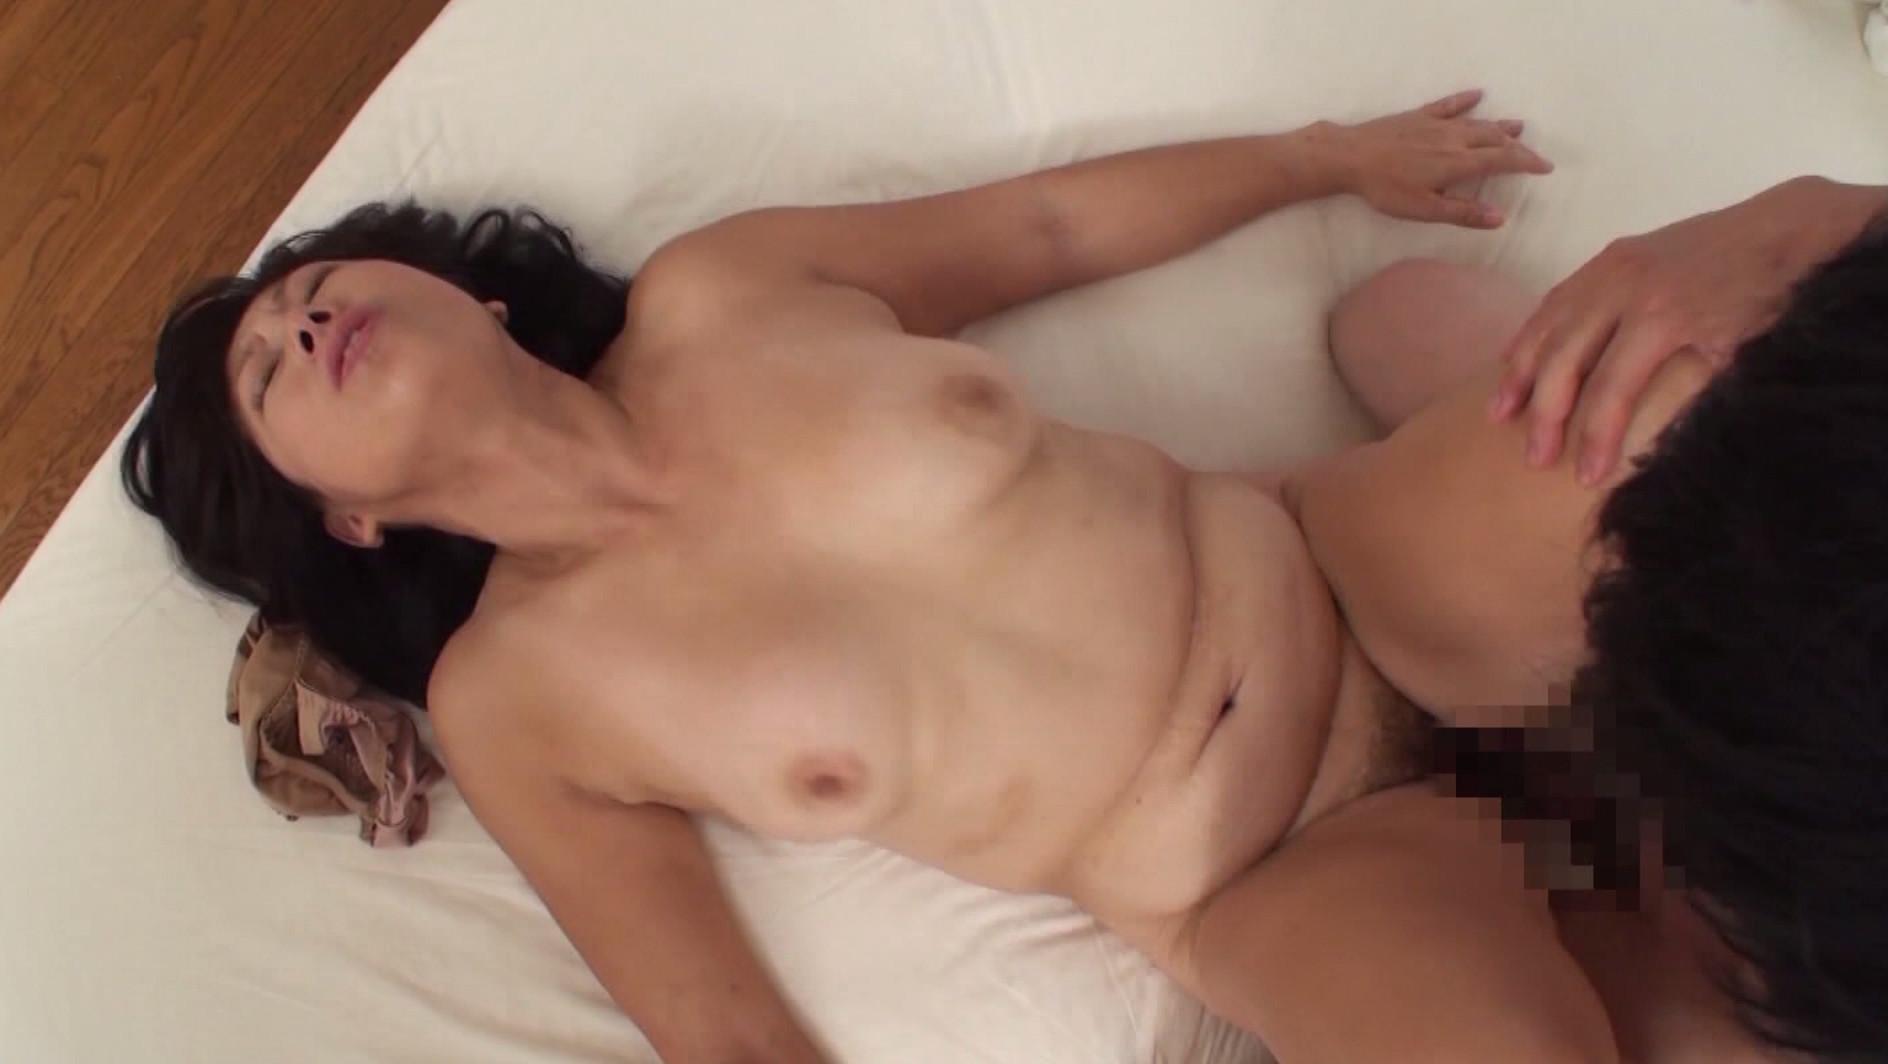 七十路熟女 無料サンプル画像 この動画のサンプル画像はクリックで拡大できます。